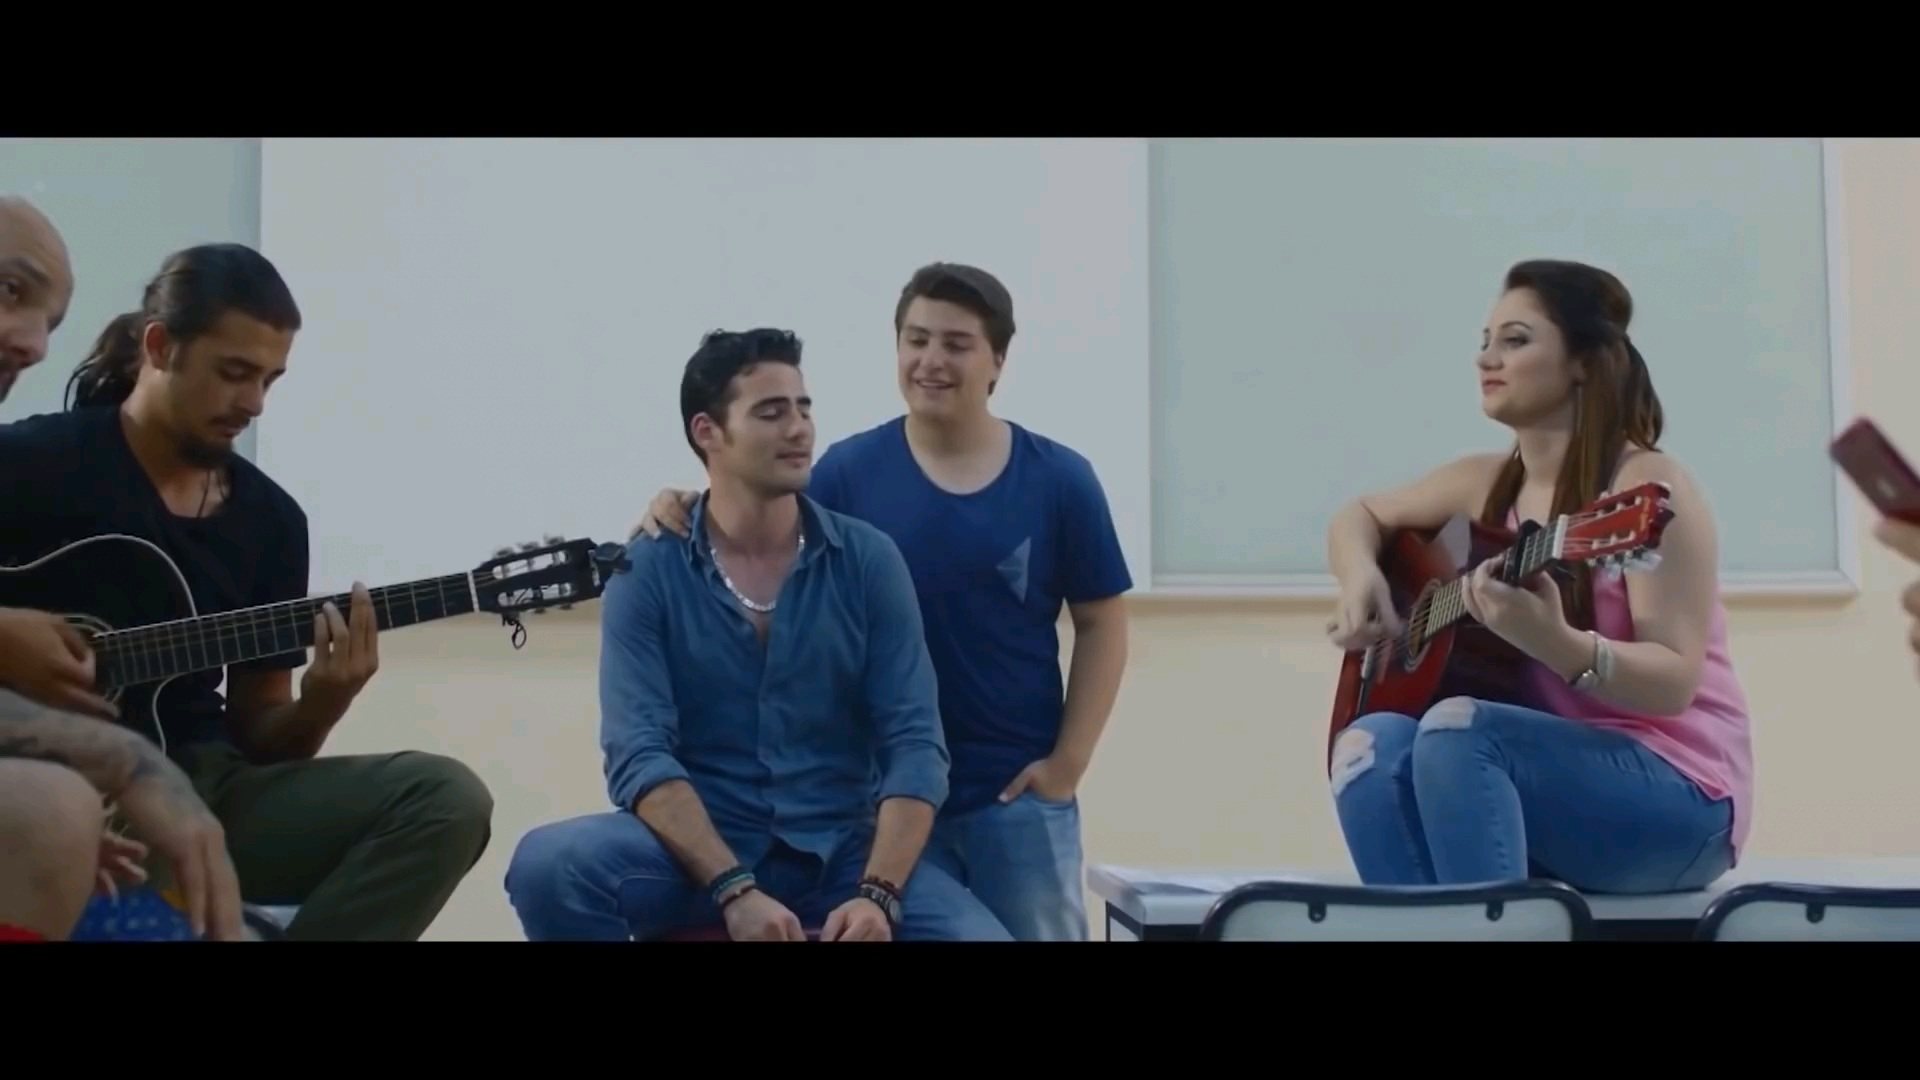 Vallahi Hortladı   2018   Yerli Film   WEB-DL   XviD   Sansürsüz   1080p - m720p - m1080p   WEB-DL   Tek Link